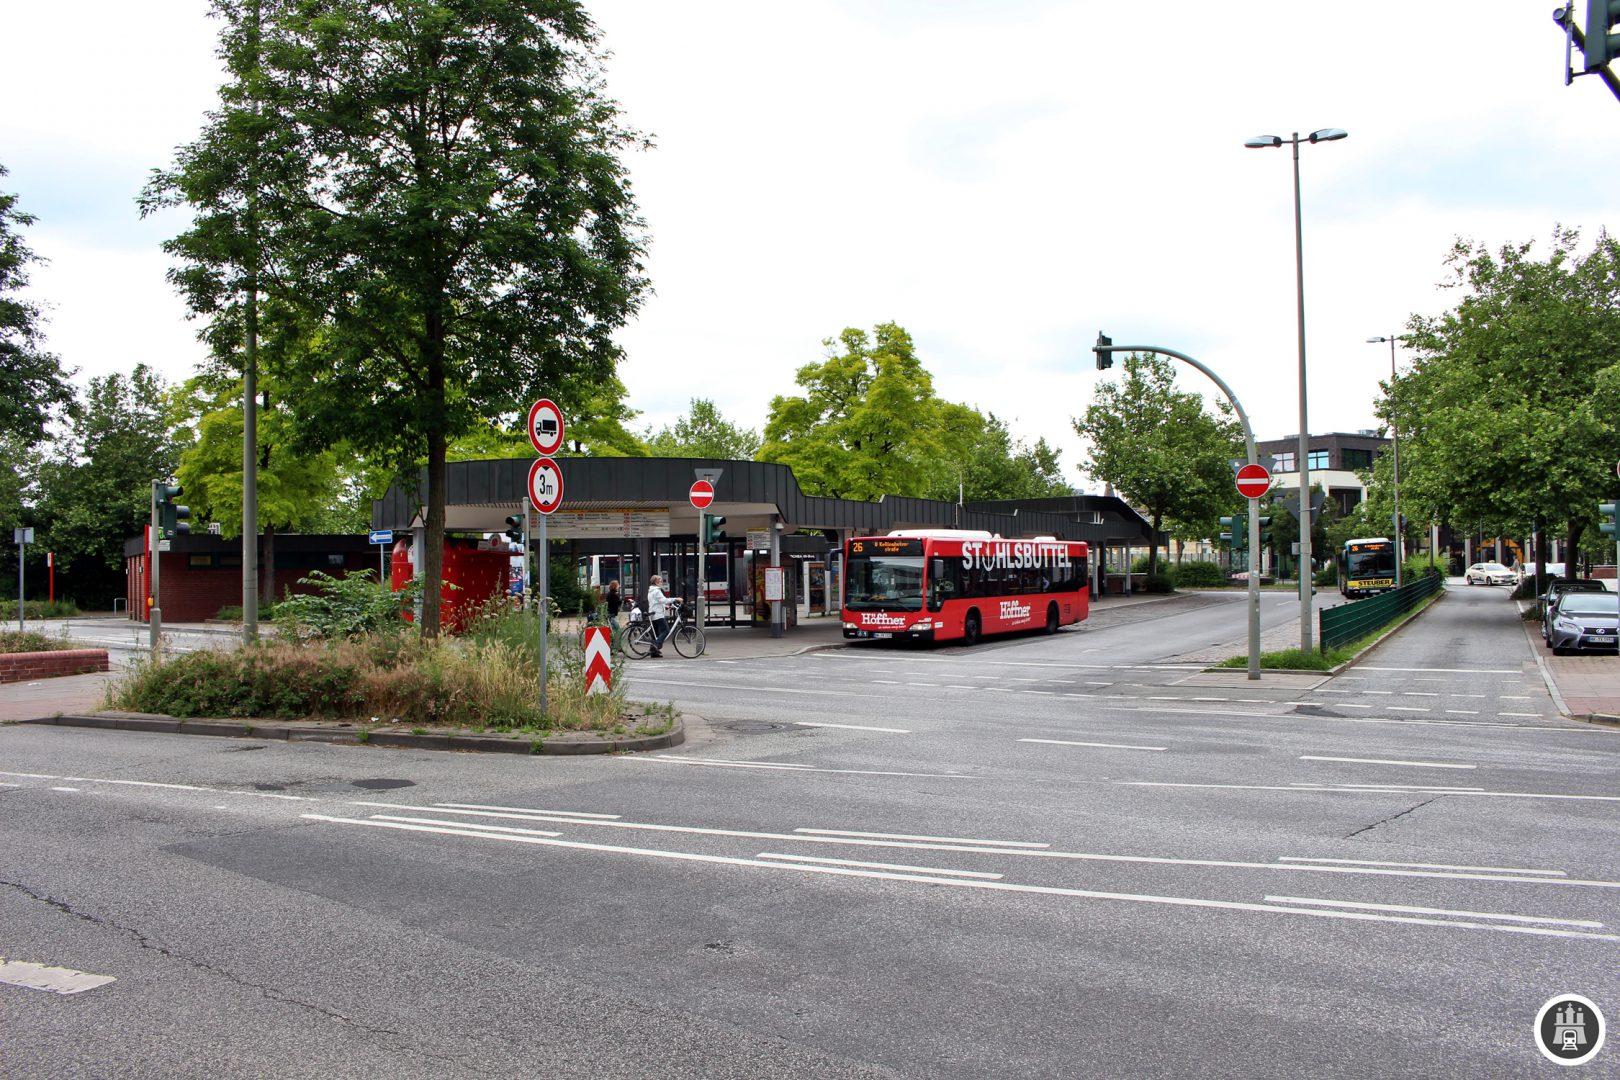 Entlang der 26 wird sich in den nächsten Jahrzehnten einiges ändern: Sie bedient heute Haltestellen der künftigen U5 und endet künftig am wieder-S-Bahnhof der Linie S4, deren Taktung allerdings eine andere sein wird als die der heutigen Regionalzüge. Die Linie 24 hält auf der anderen Seite des Bahnhofs.